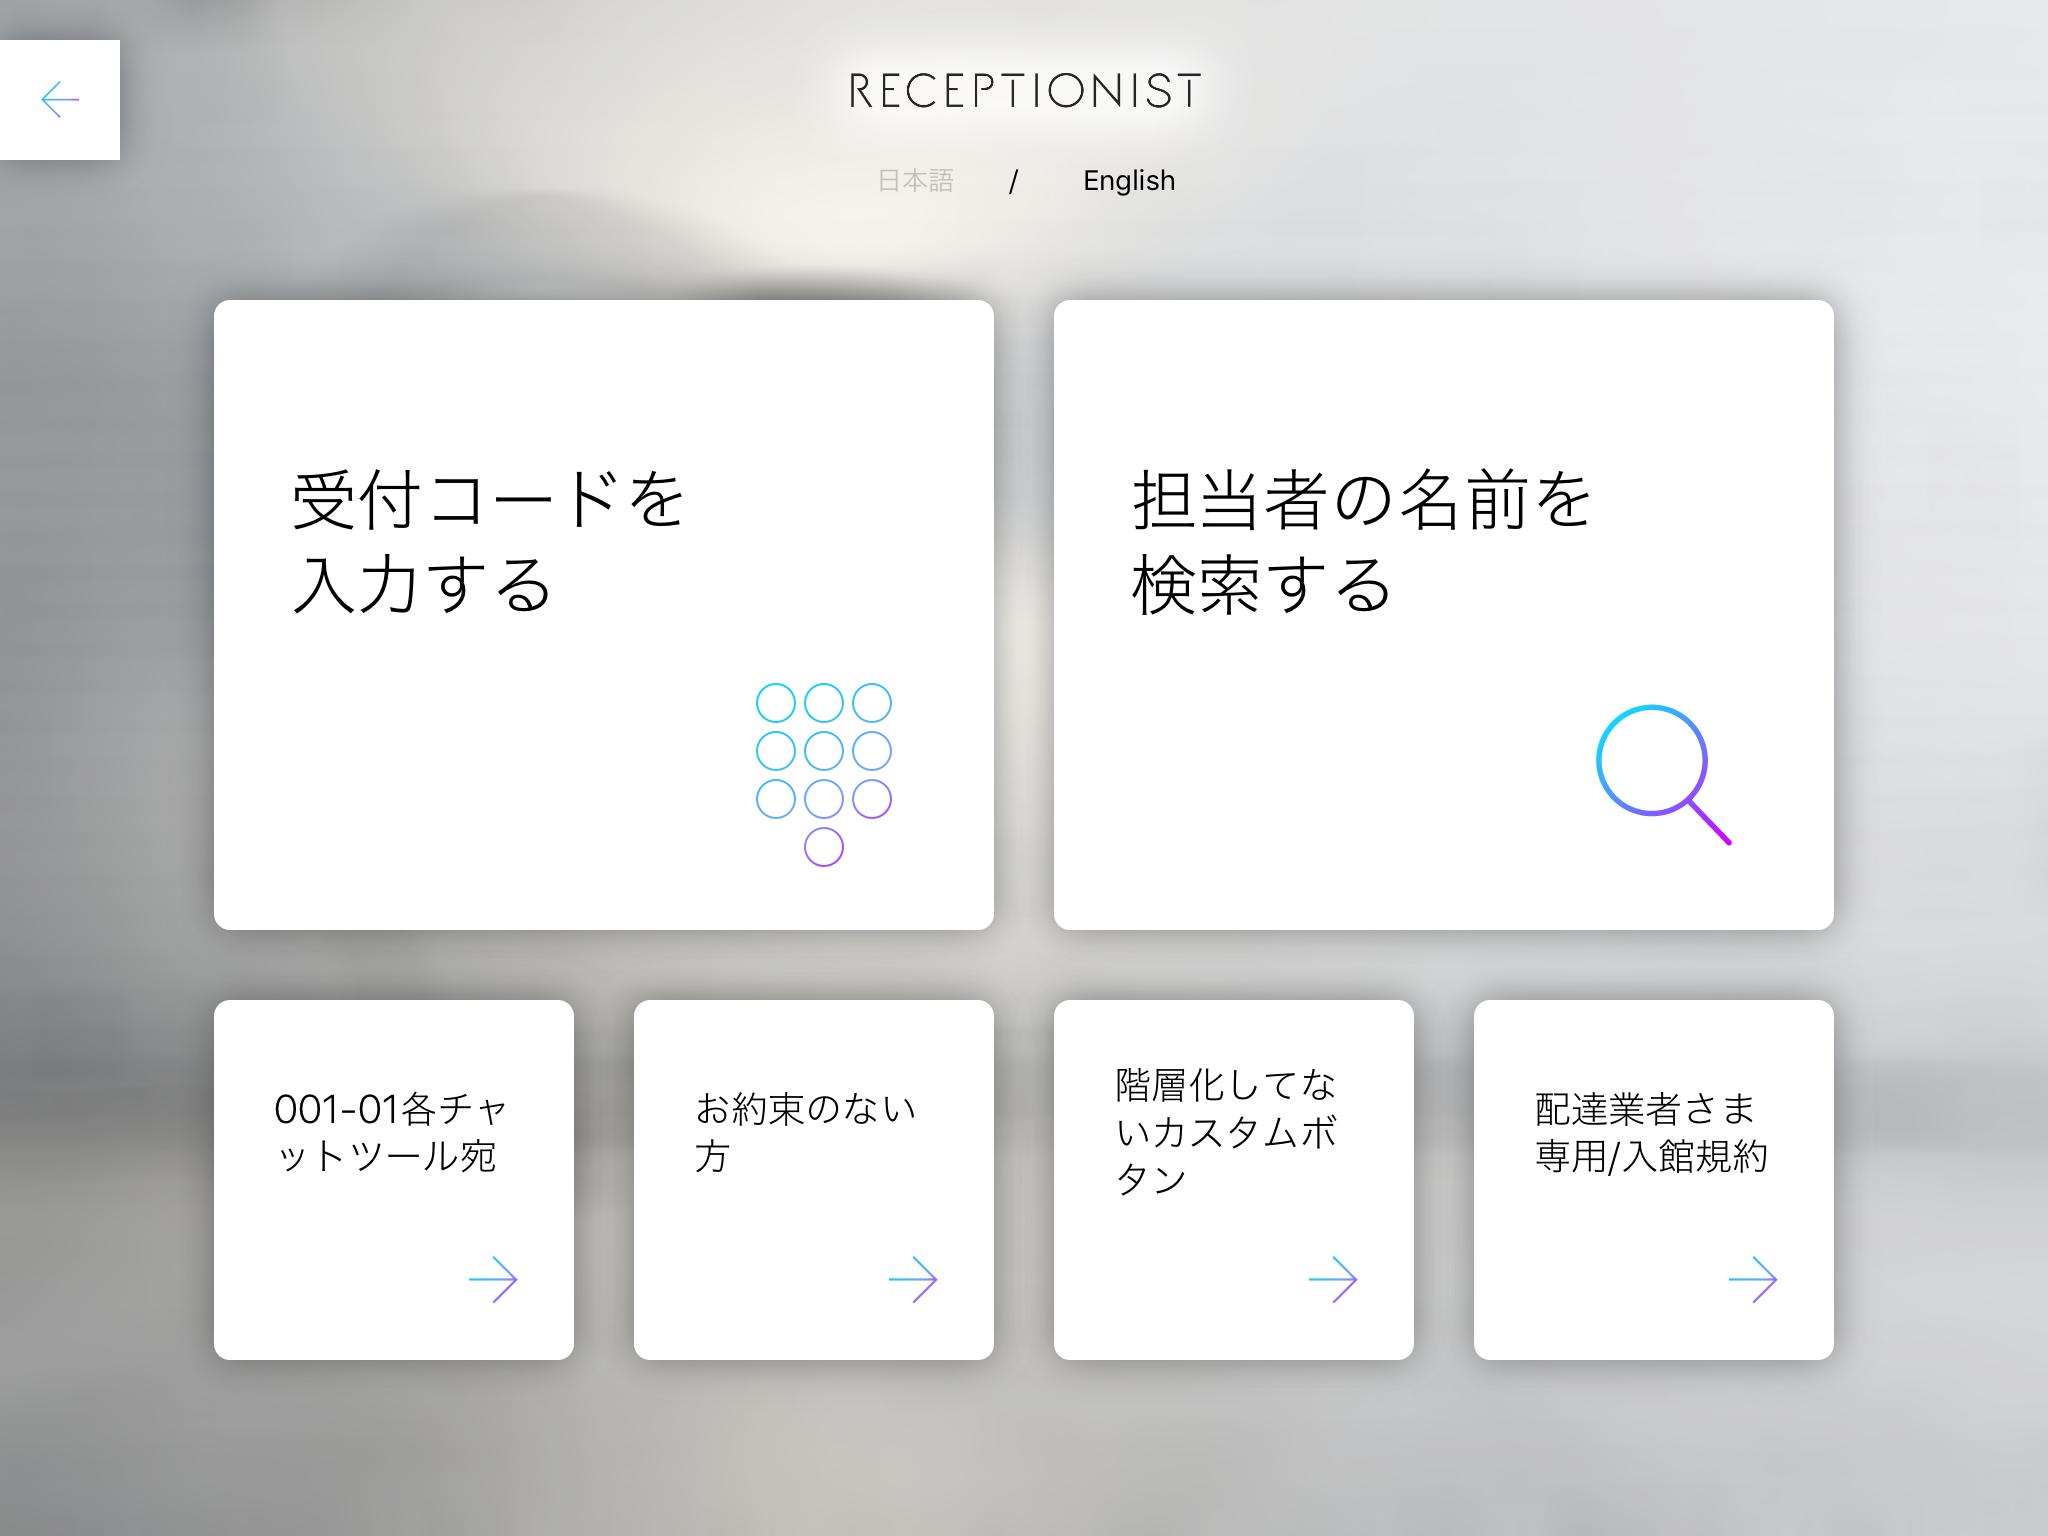 light_butoon